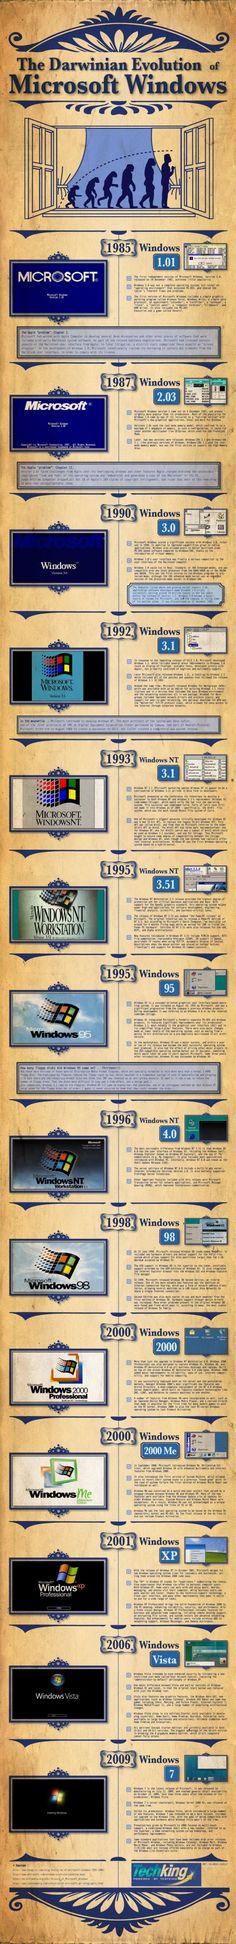 L'evoluzione di Microsoft Windows